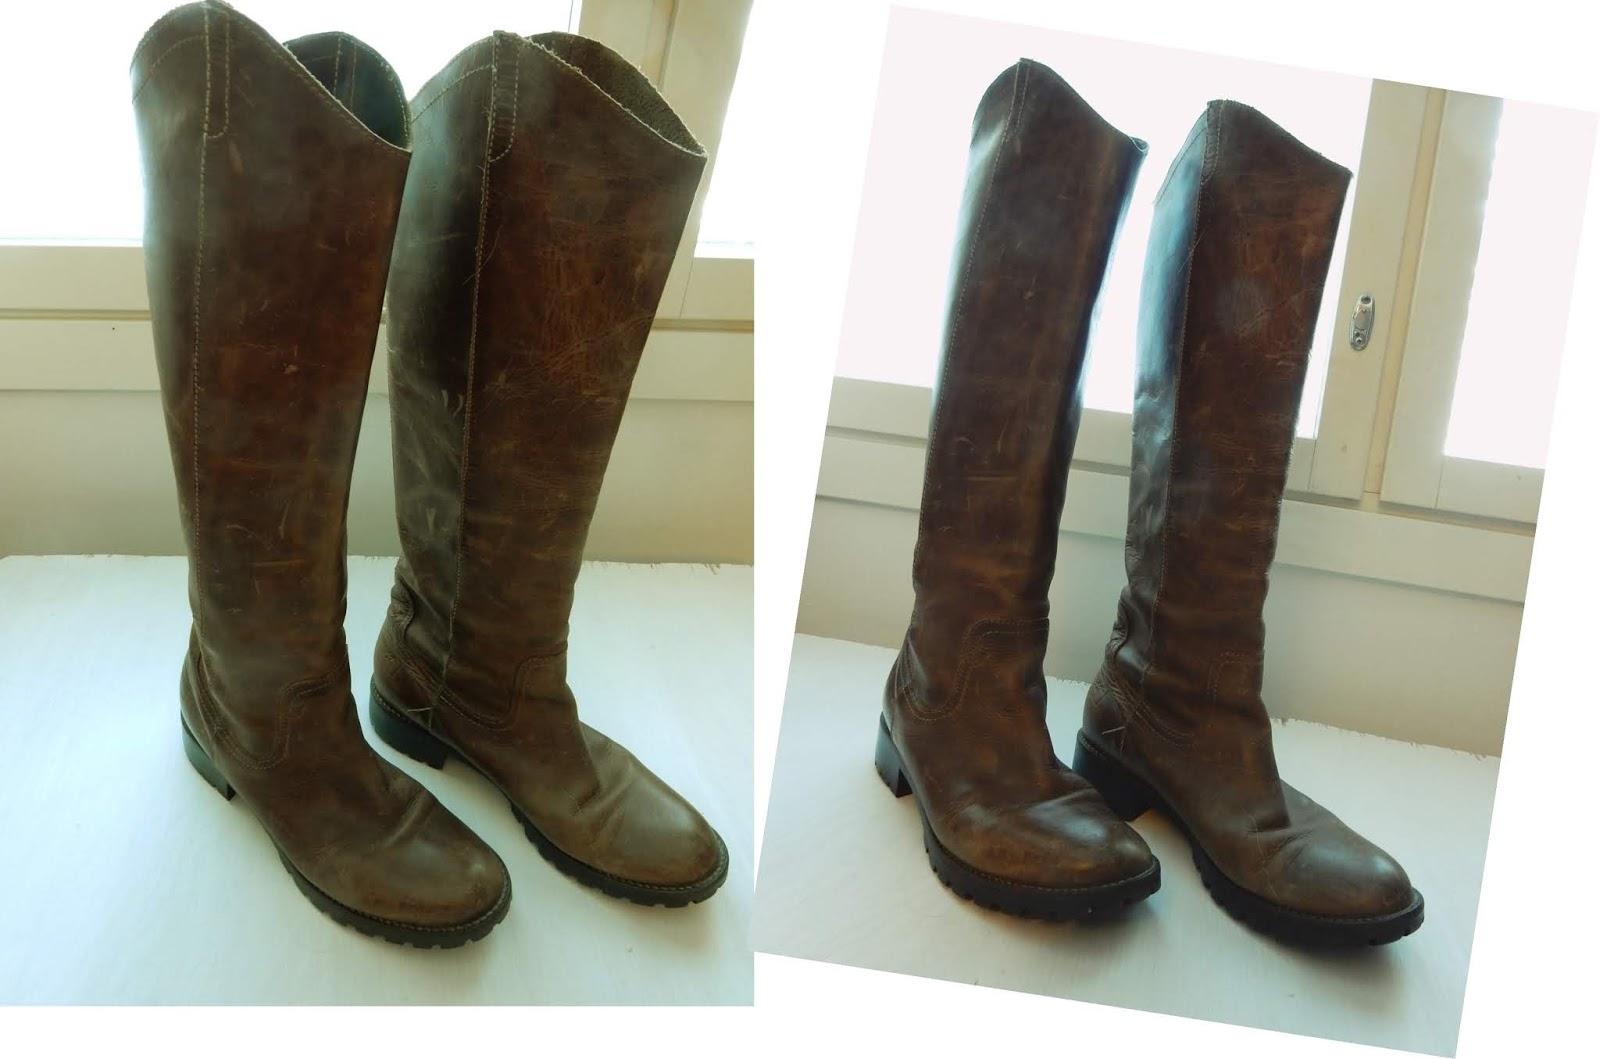 Muista myös aina suihkuttaa sopivaa suojaa kengille ennen käyttöön ottoa.  Suojasuihkeita on sellaisia f80c217965